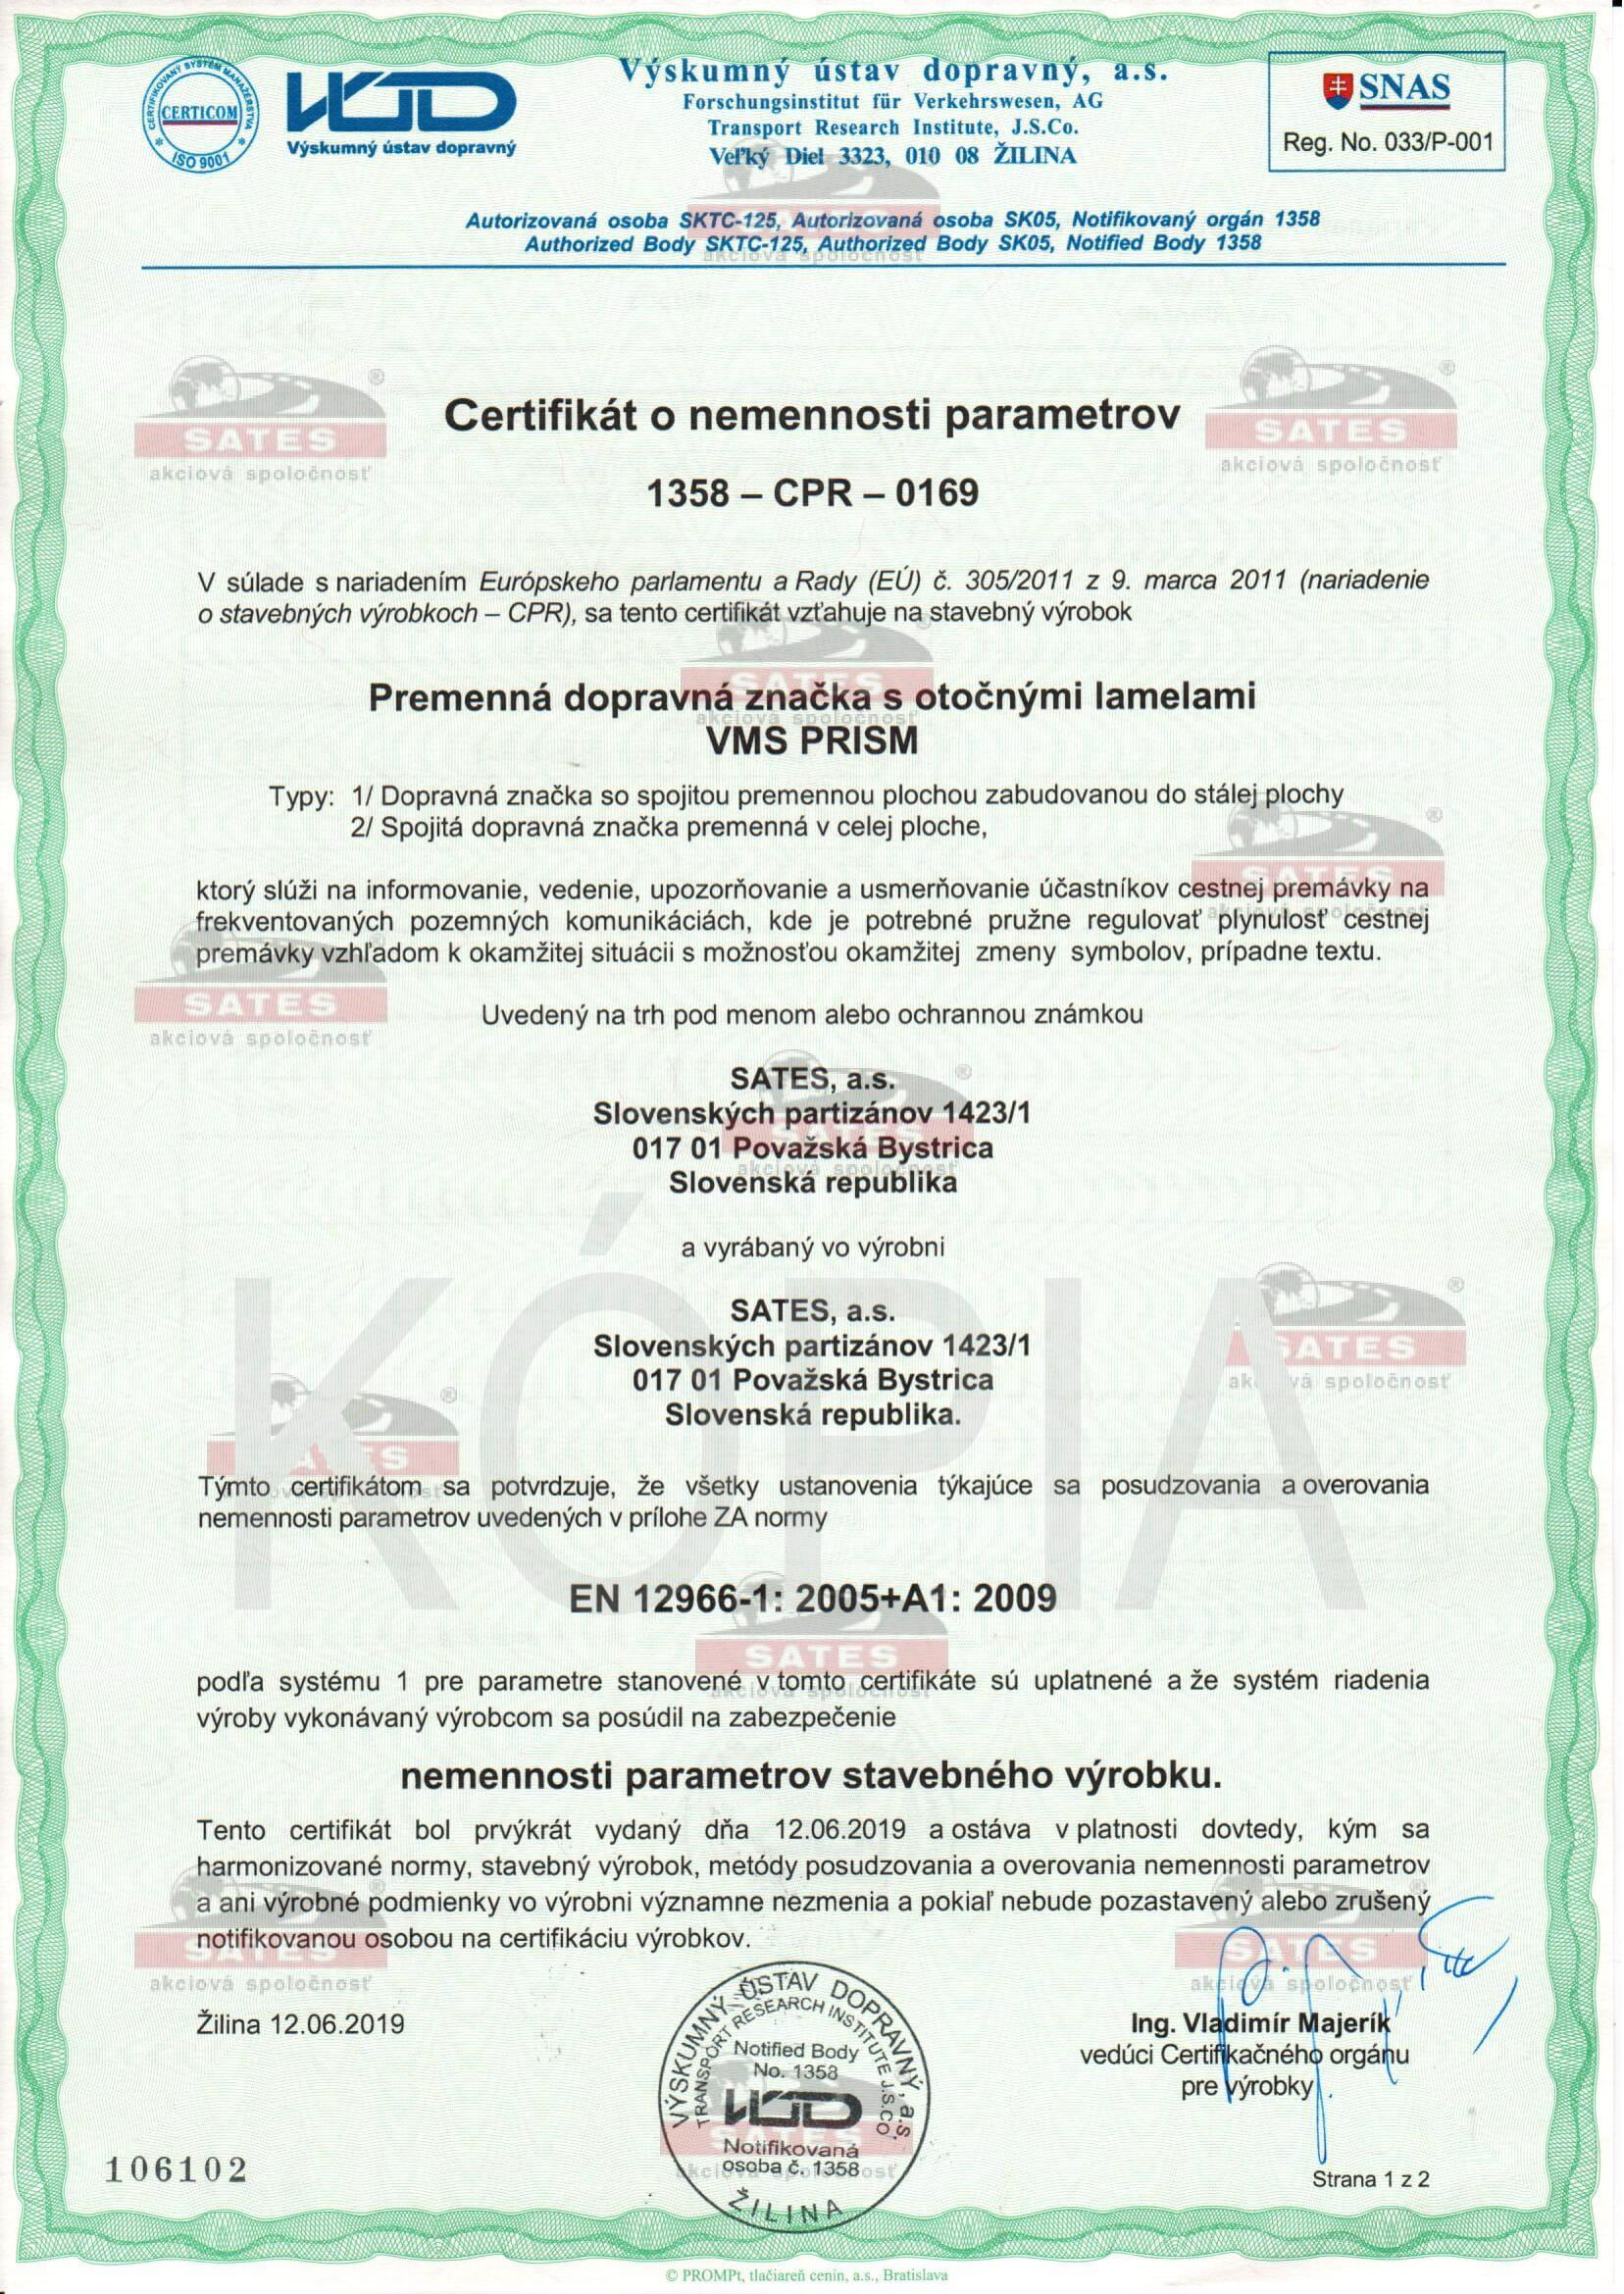 Premenná dopravná značka VMS PRISM – CE certifikát